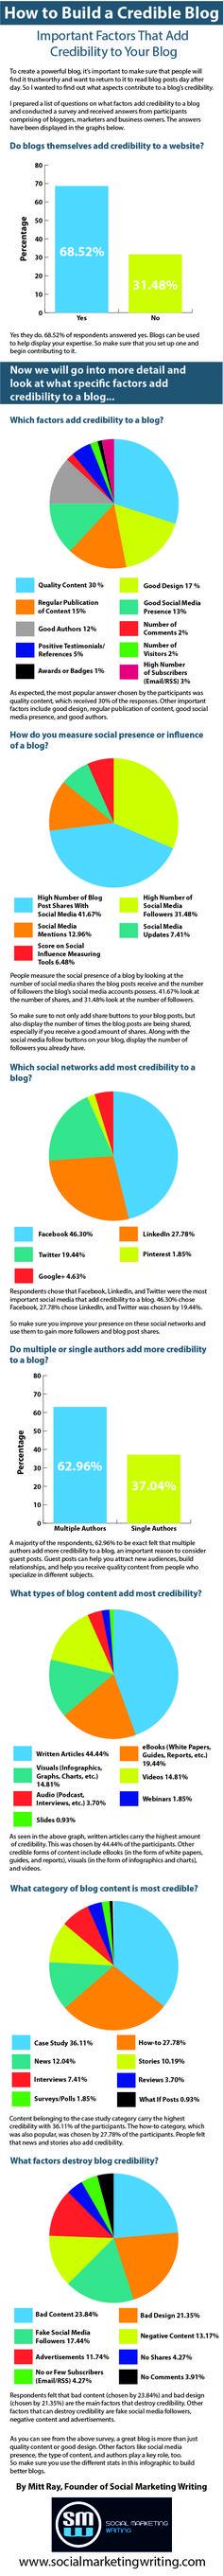 How to Build a Credible #Blog that People Trust - Jeffbullas's Blog Les facteurs clés de succès d'un blog